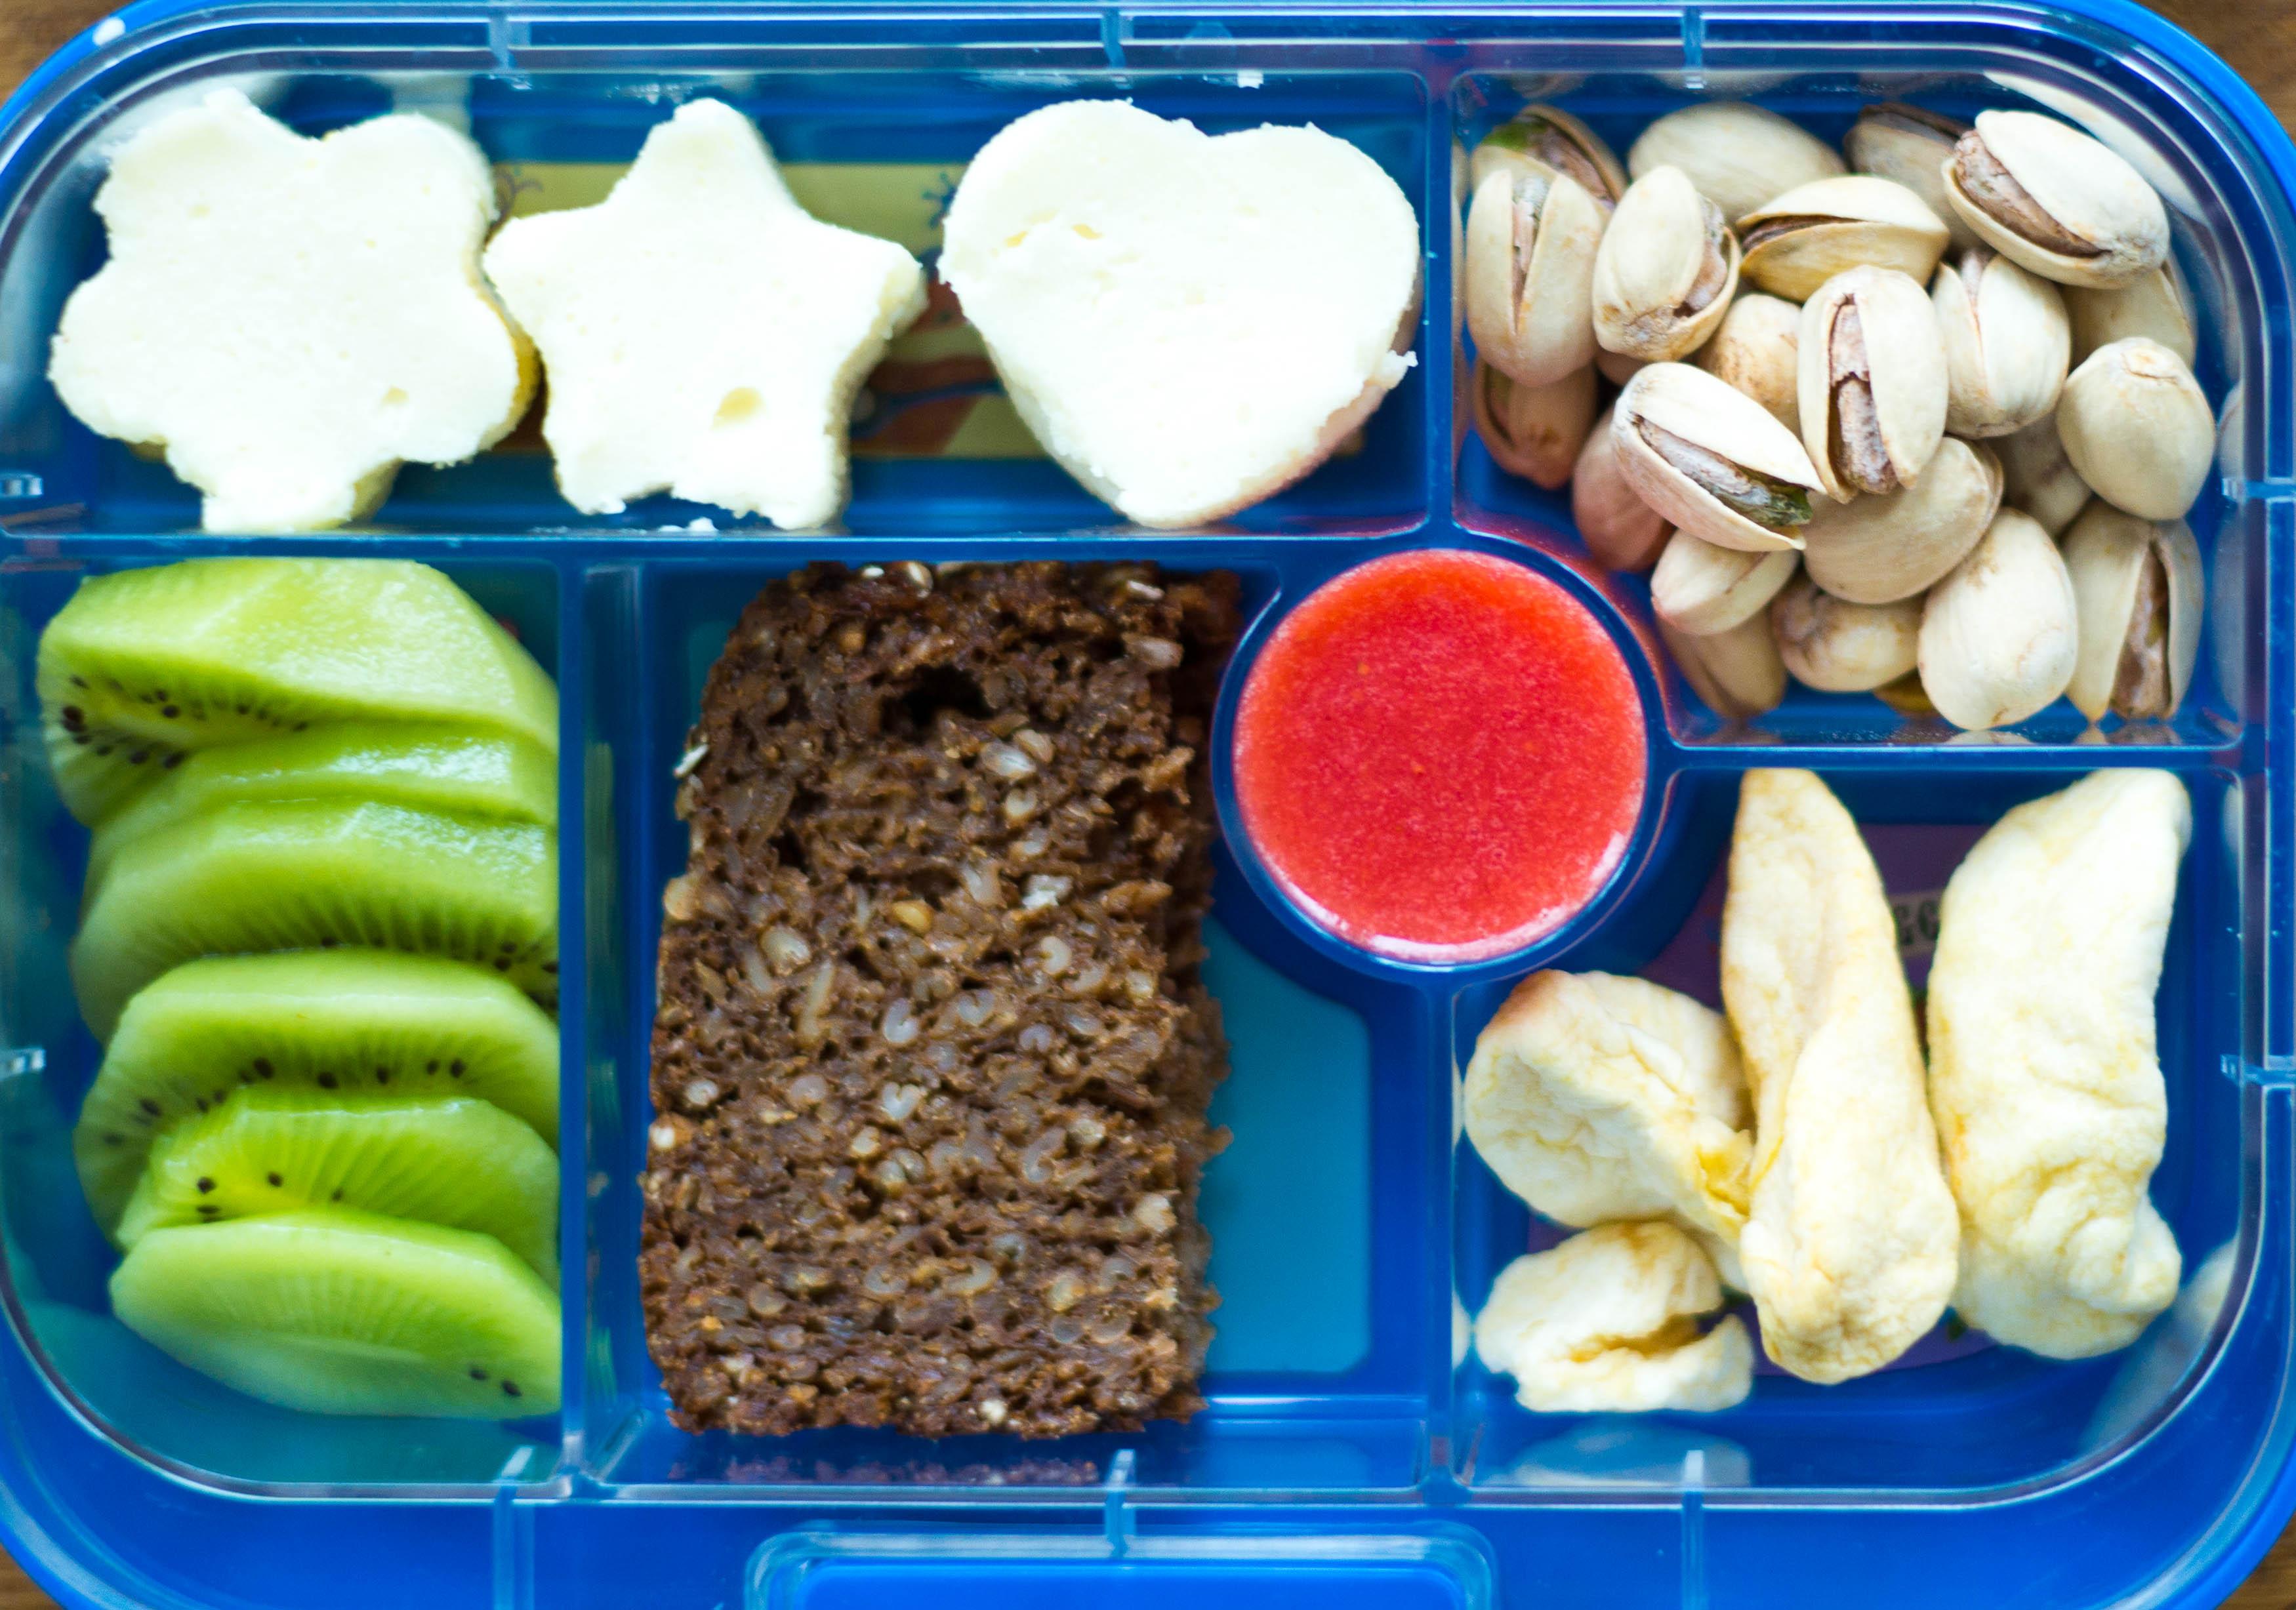 Lunchbox mit Grieß aus Reisformer